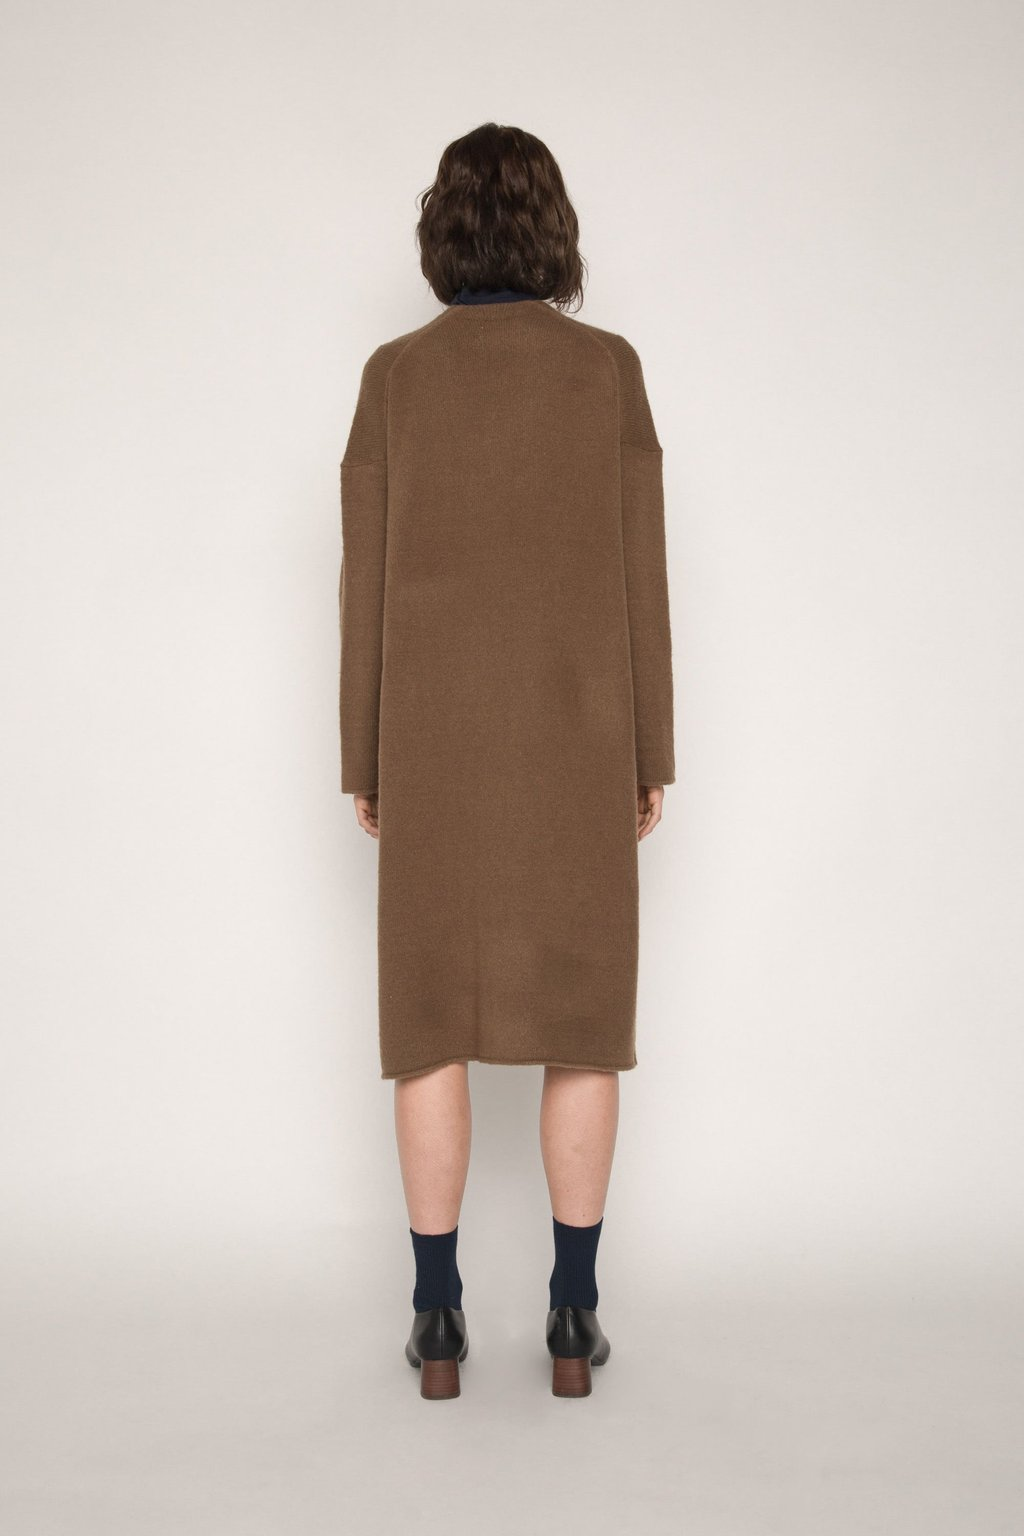 Cardigan 1550 Brown 8